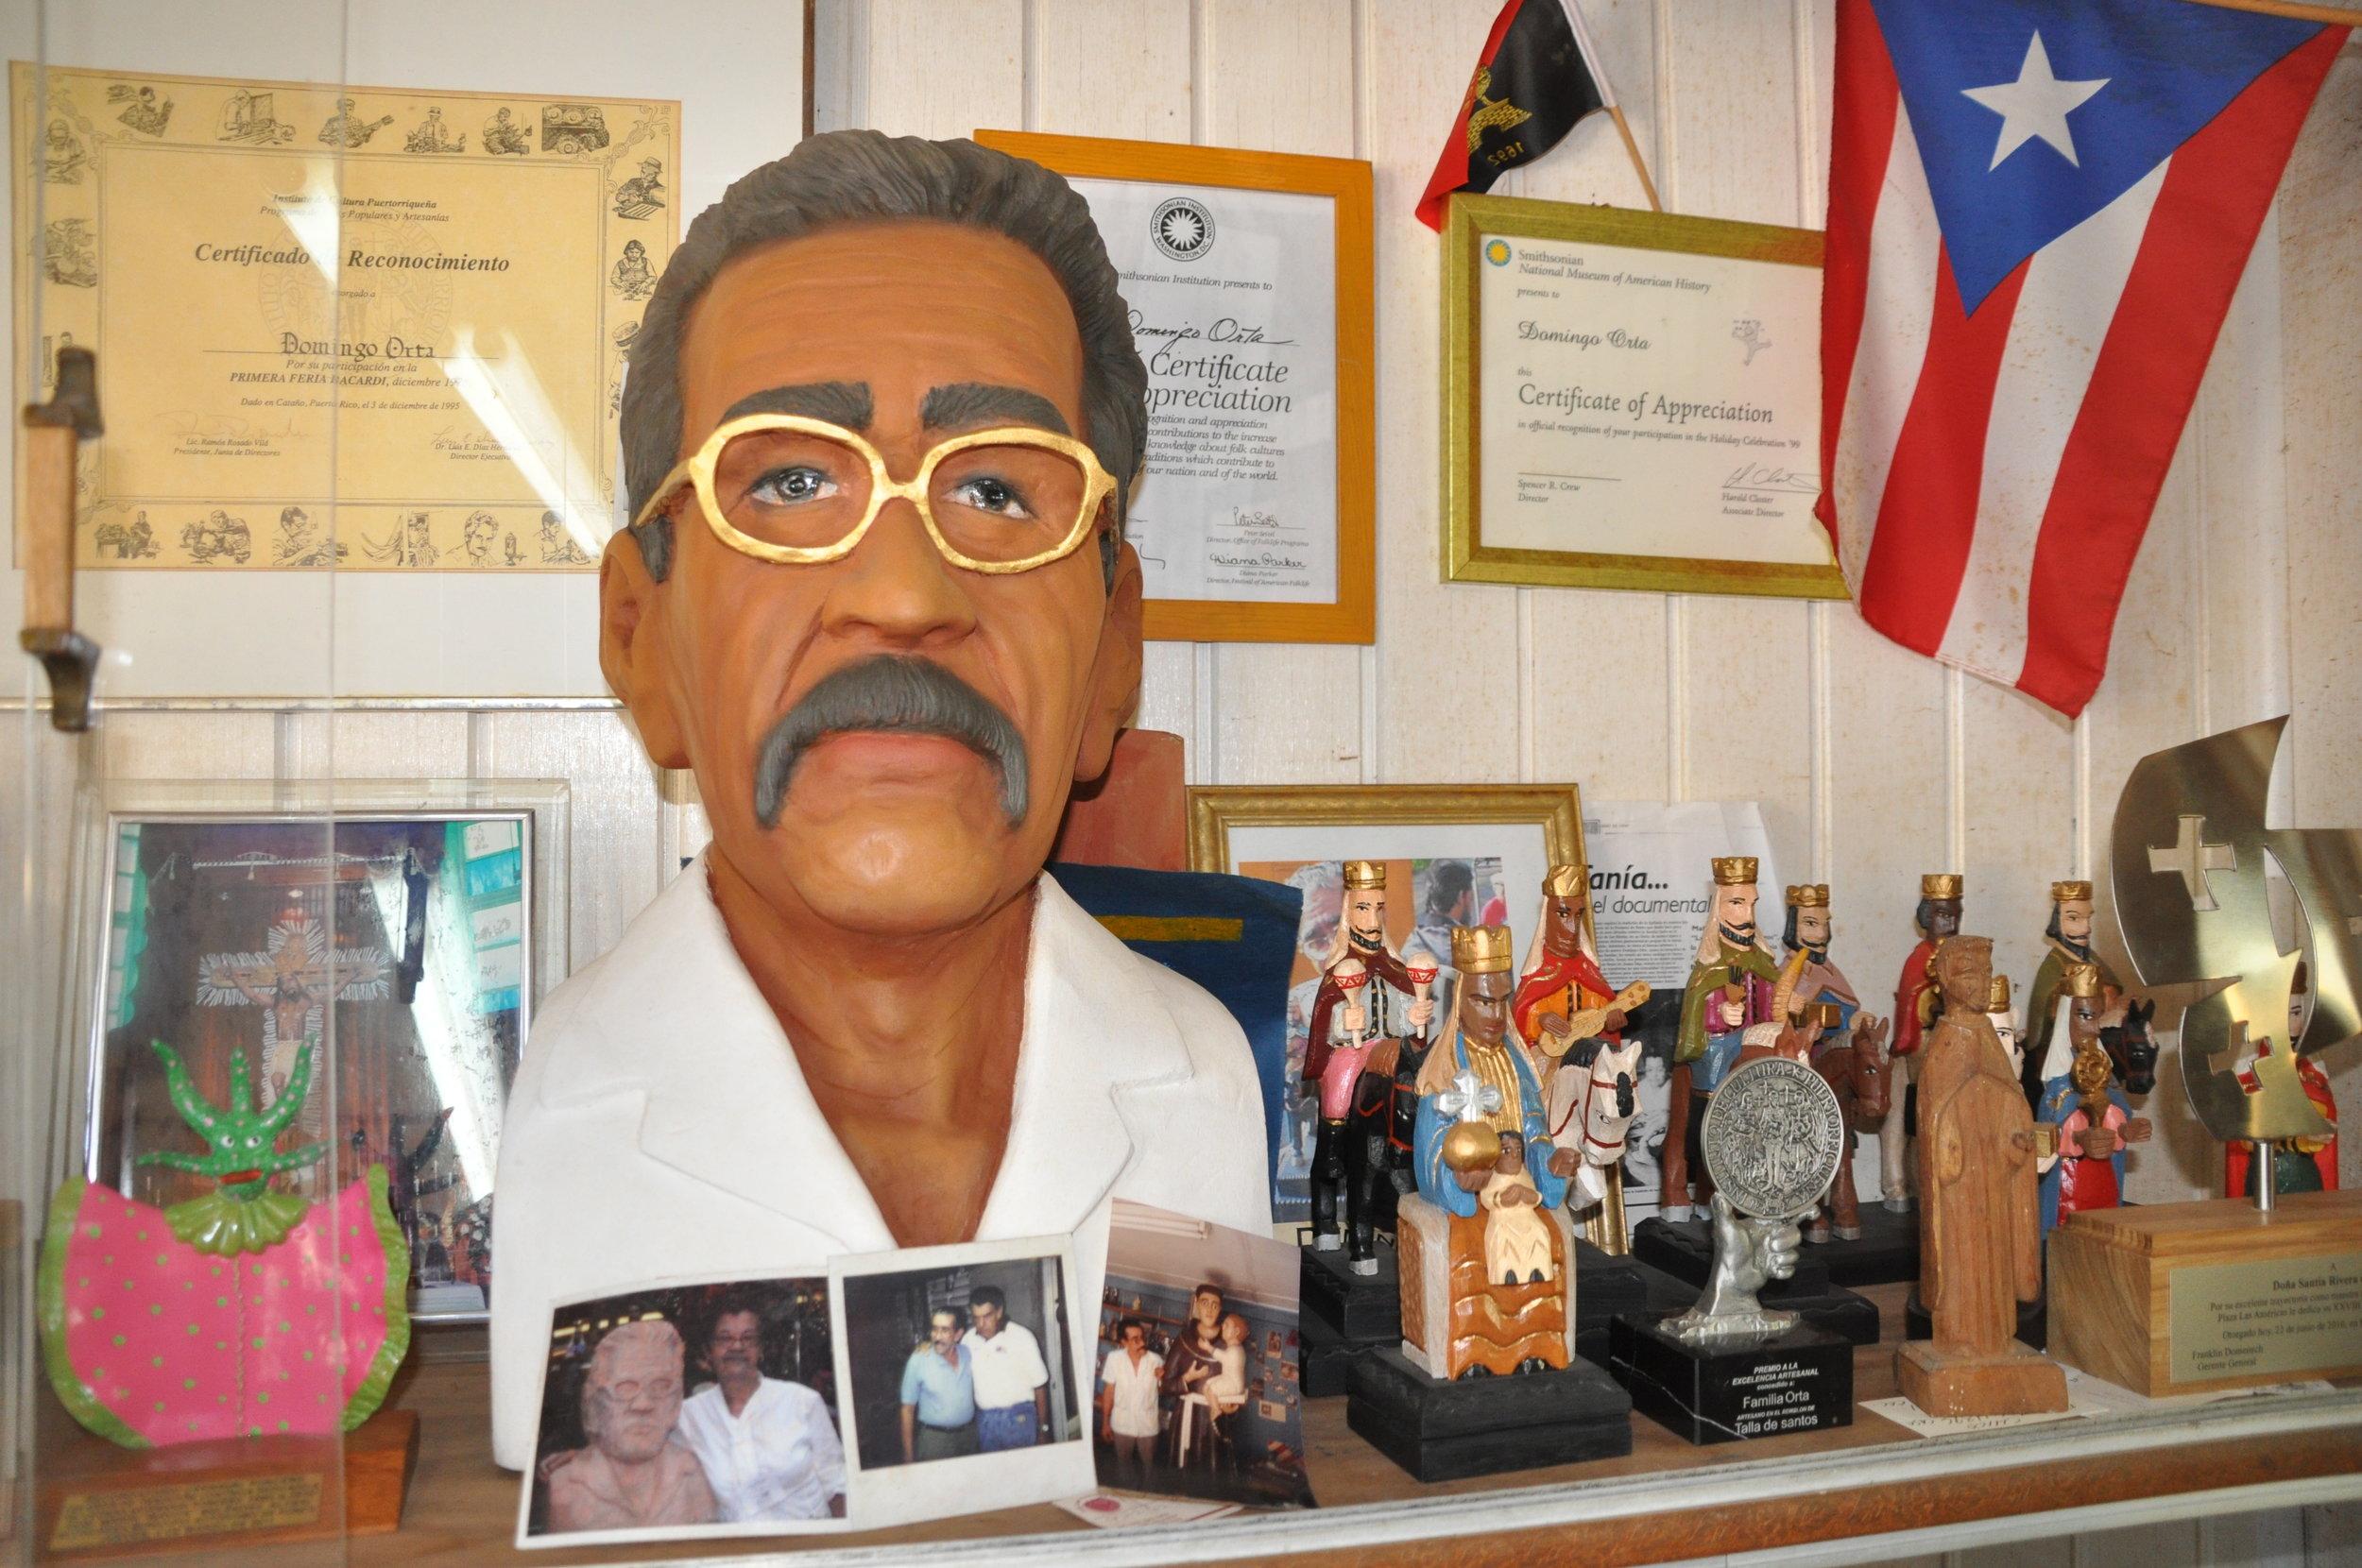 Puerto rico folk art